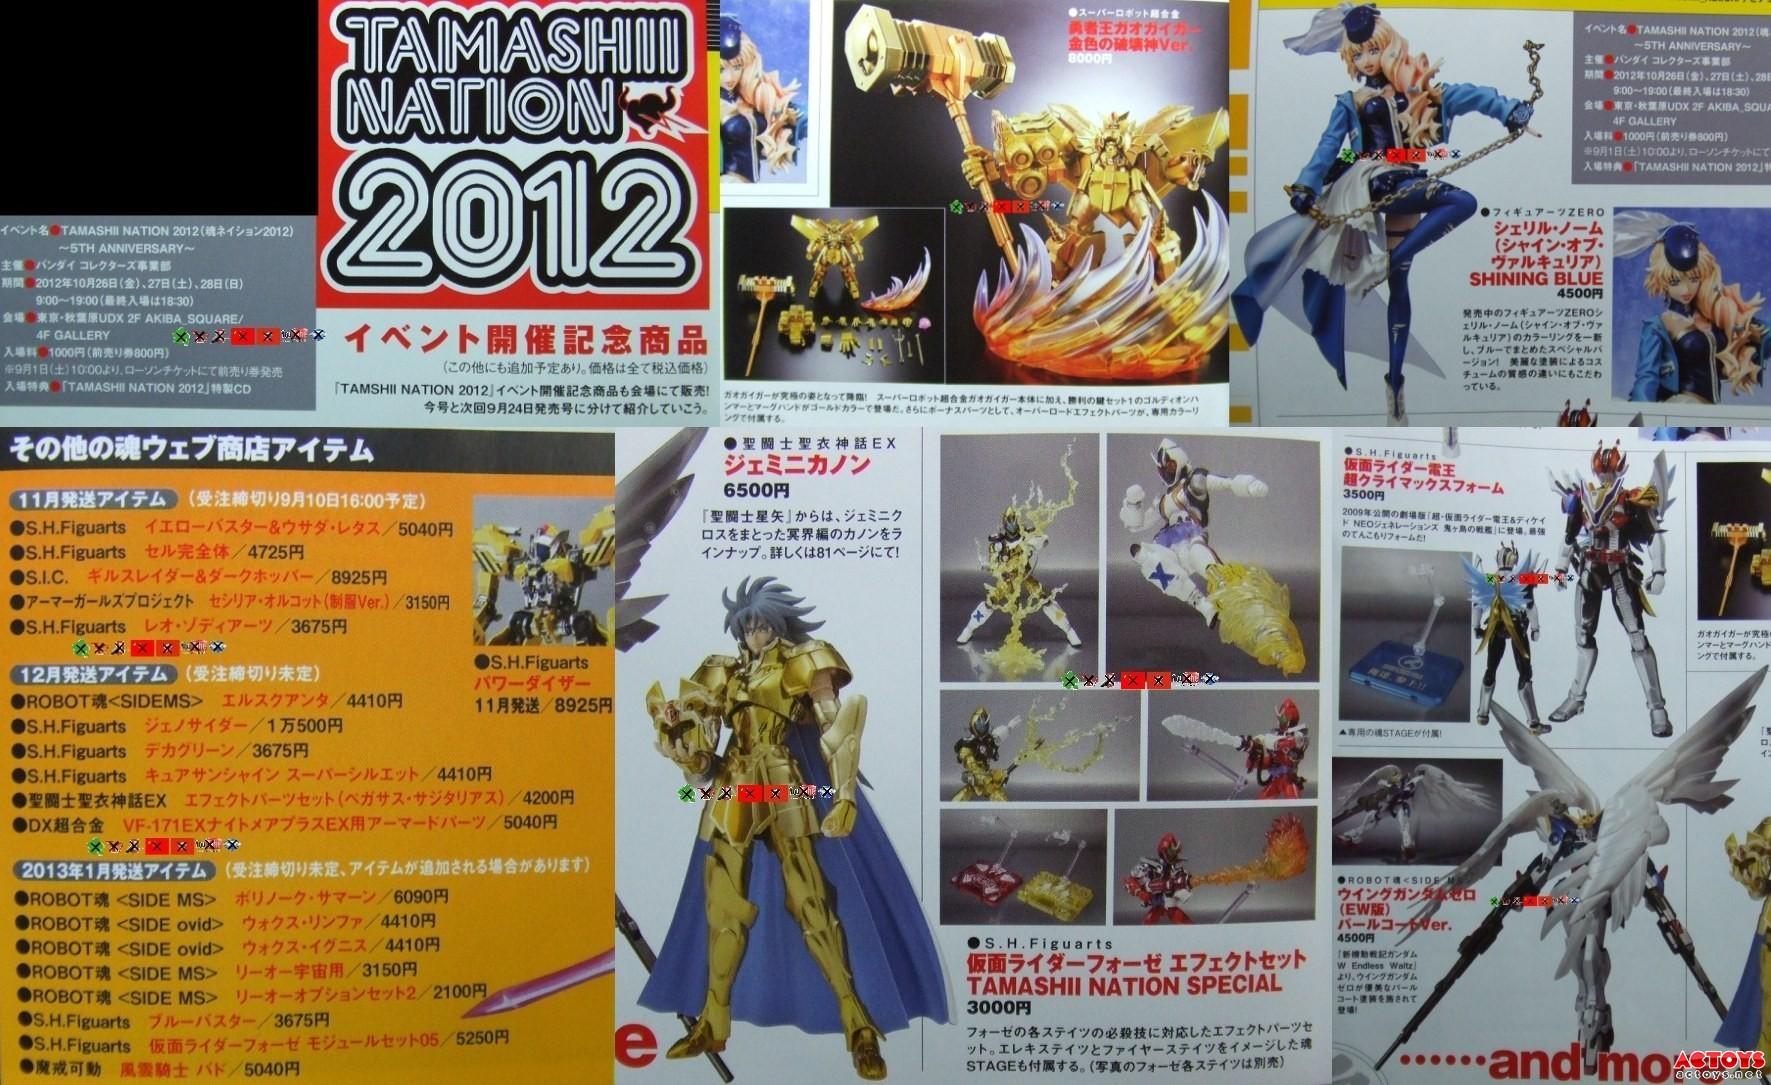 [Comentários] Saint Cloth Myth Ex - Kanon de Gêmeos  - Tamashii Nations 2012 - Página 2 6e027185